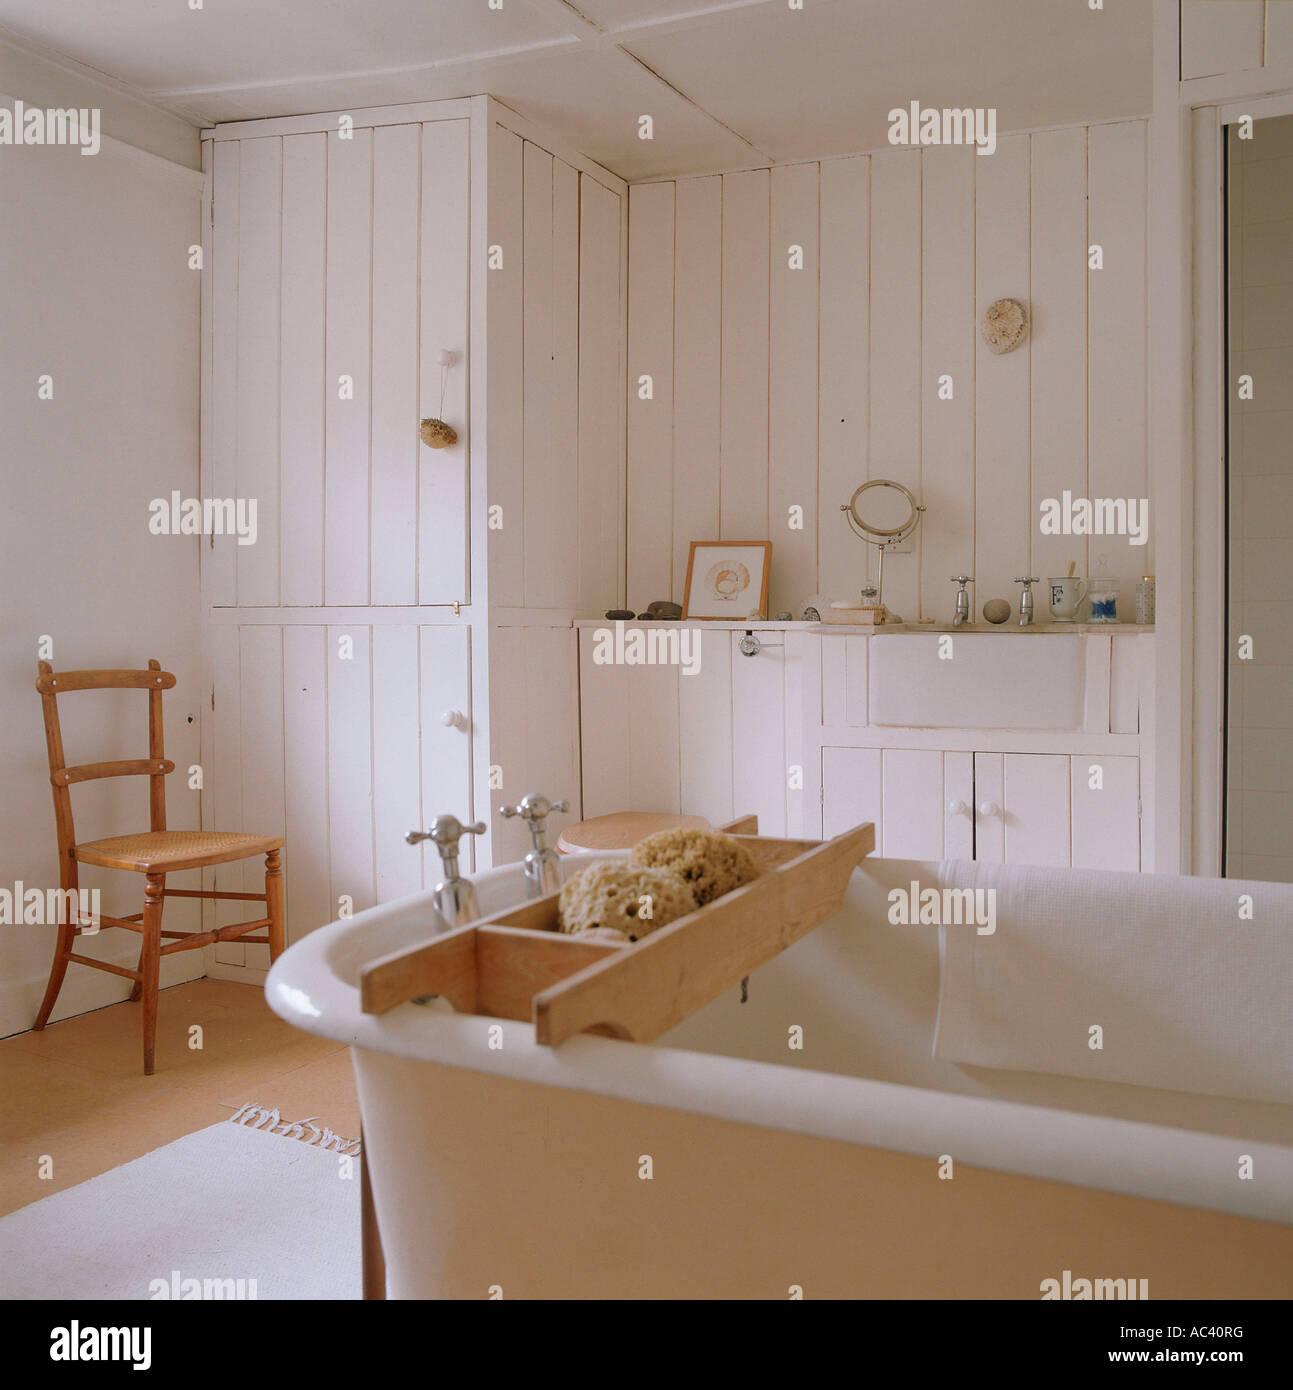 Freistehende Badewanne im weißen Badezimmer von restaurierten 18 ...